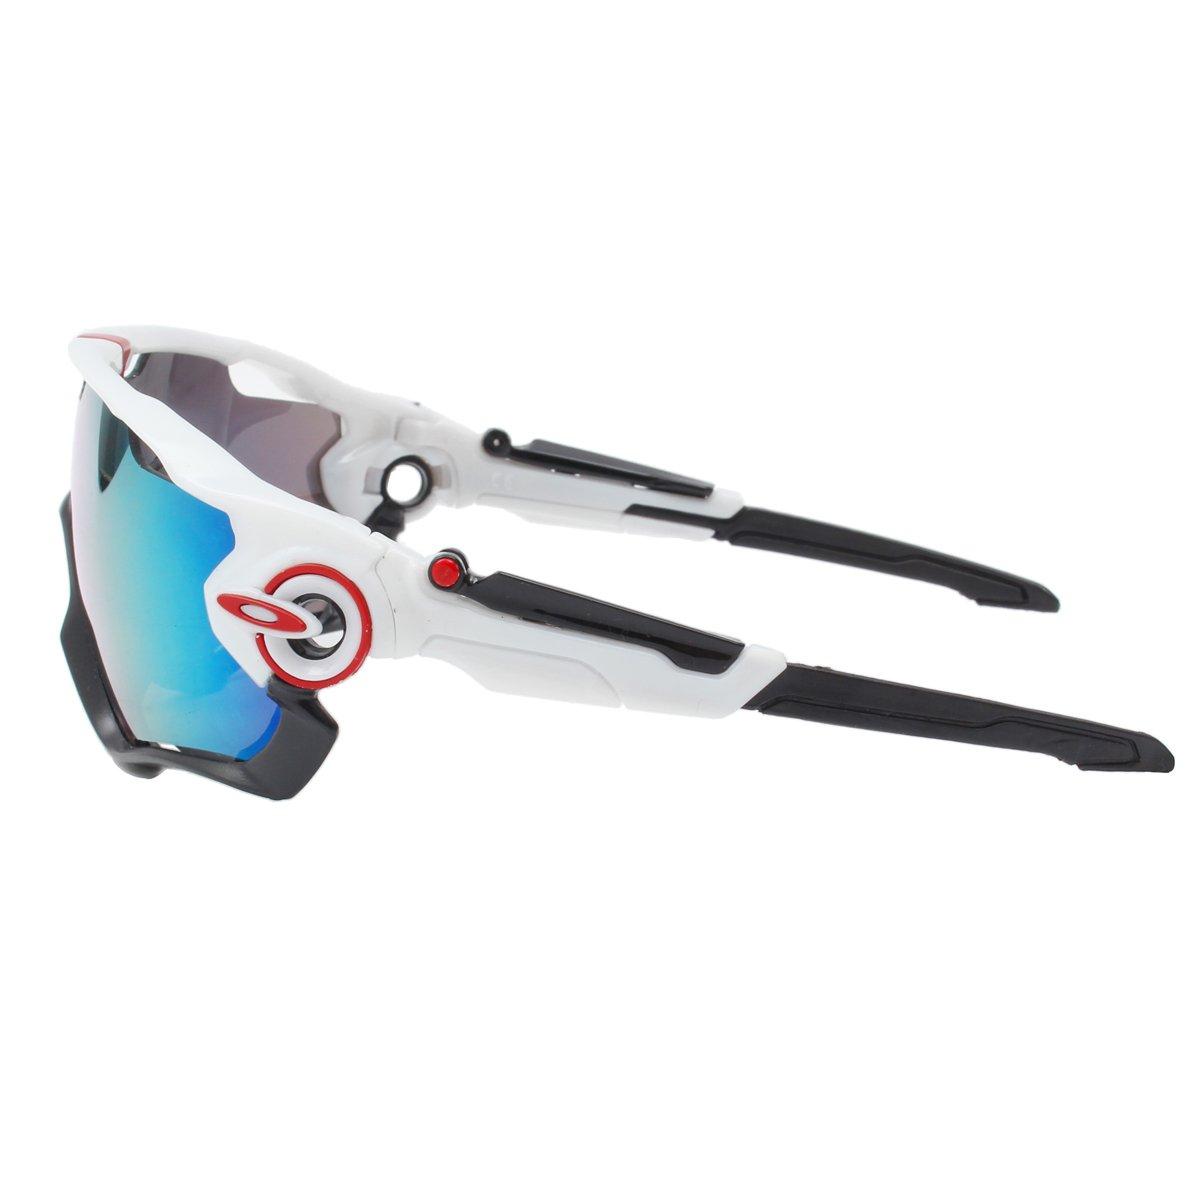 Unisex Gafas de sol outerdo Sport Gafas Ojo Protección Wind Densidad Glaser con 5 lente de Fur Outdoor Sports hochauflosende polarisationen Anti-Fog Anti UV ...